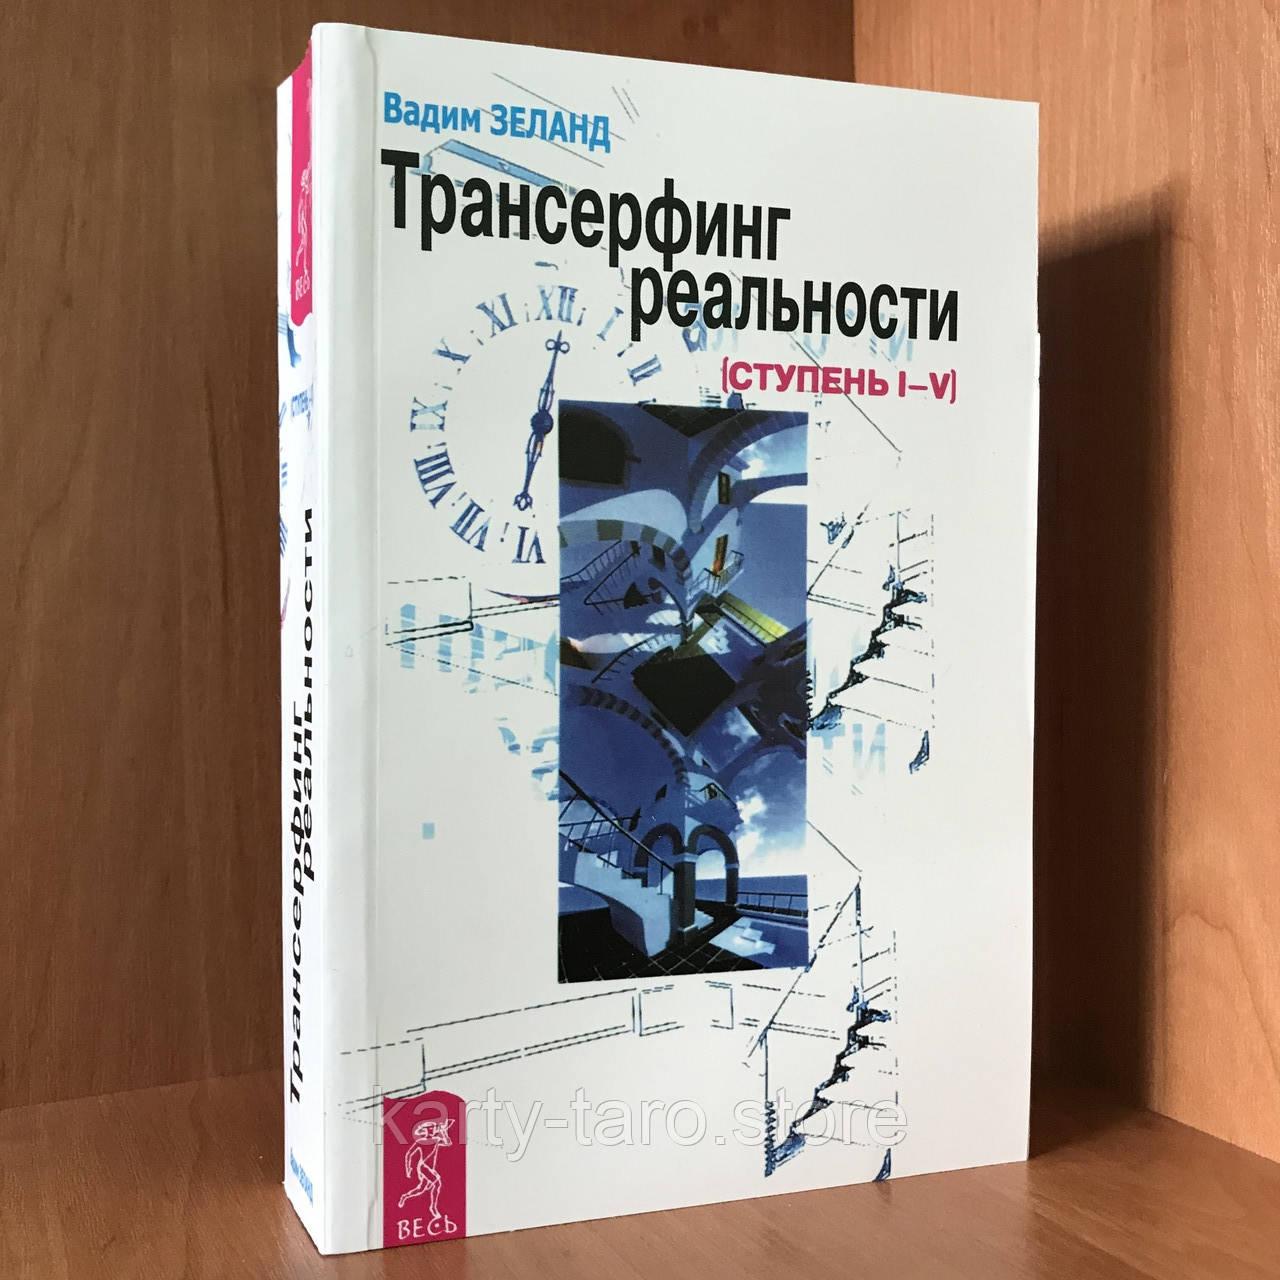 Книжка Трансерфинг реальності 1-5 щабель - Вадим Зеланд (м'яка обкладинка)